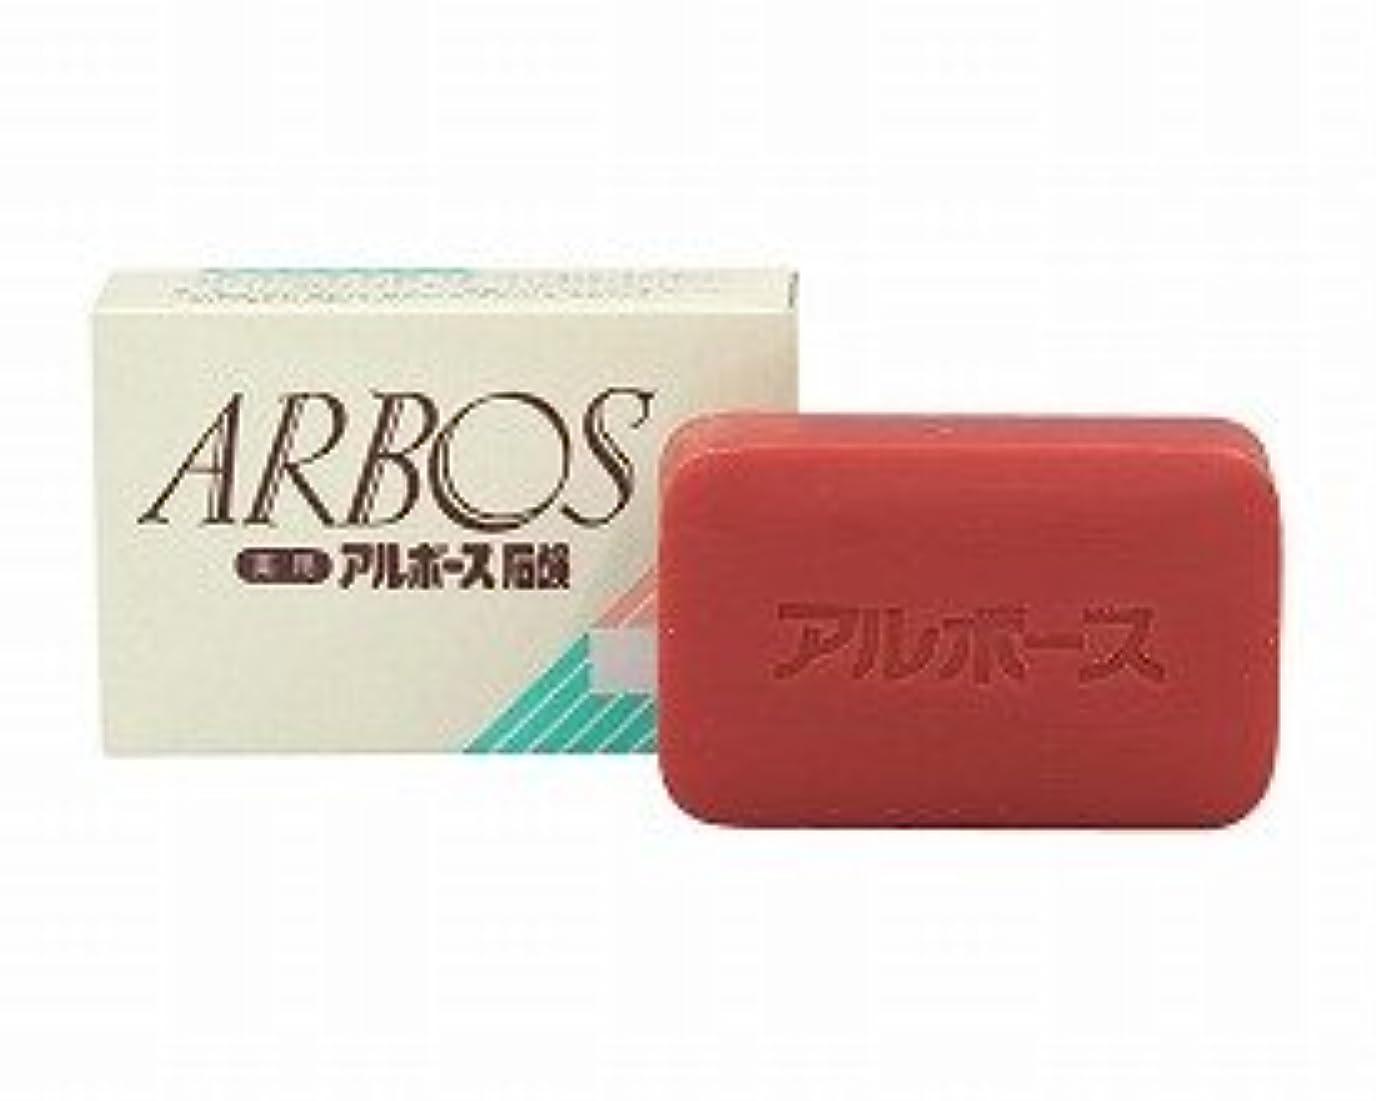 農村議論する逸脱薬用アルボース石鹸 85g 1ケース(240個入) (アルボース) (清拭小物)